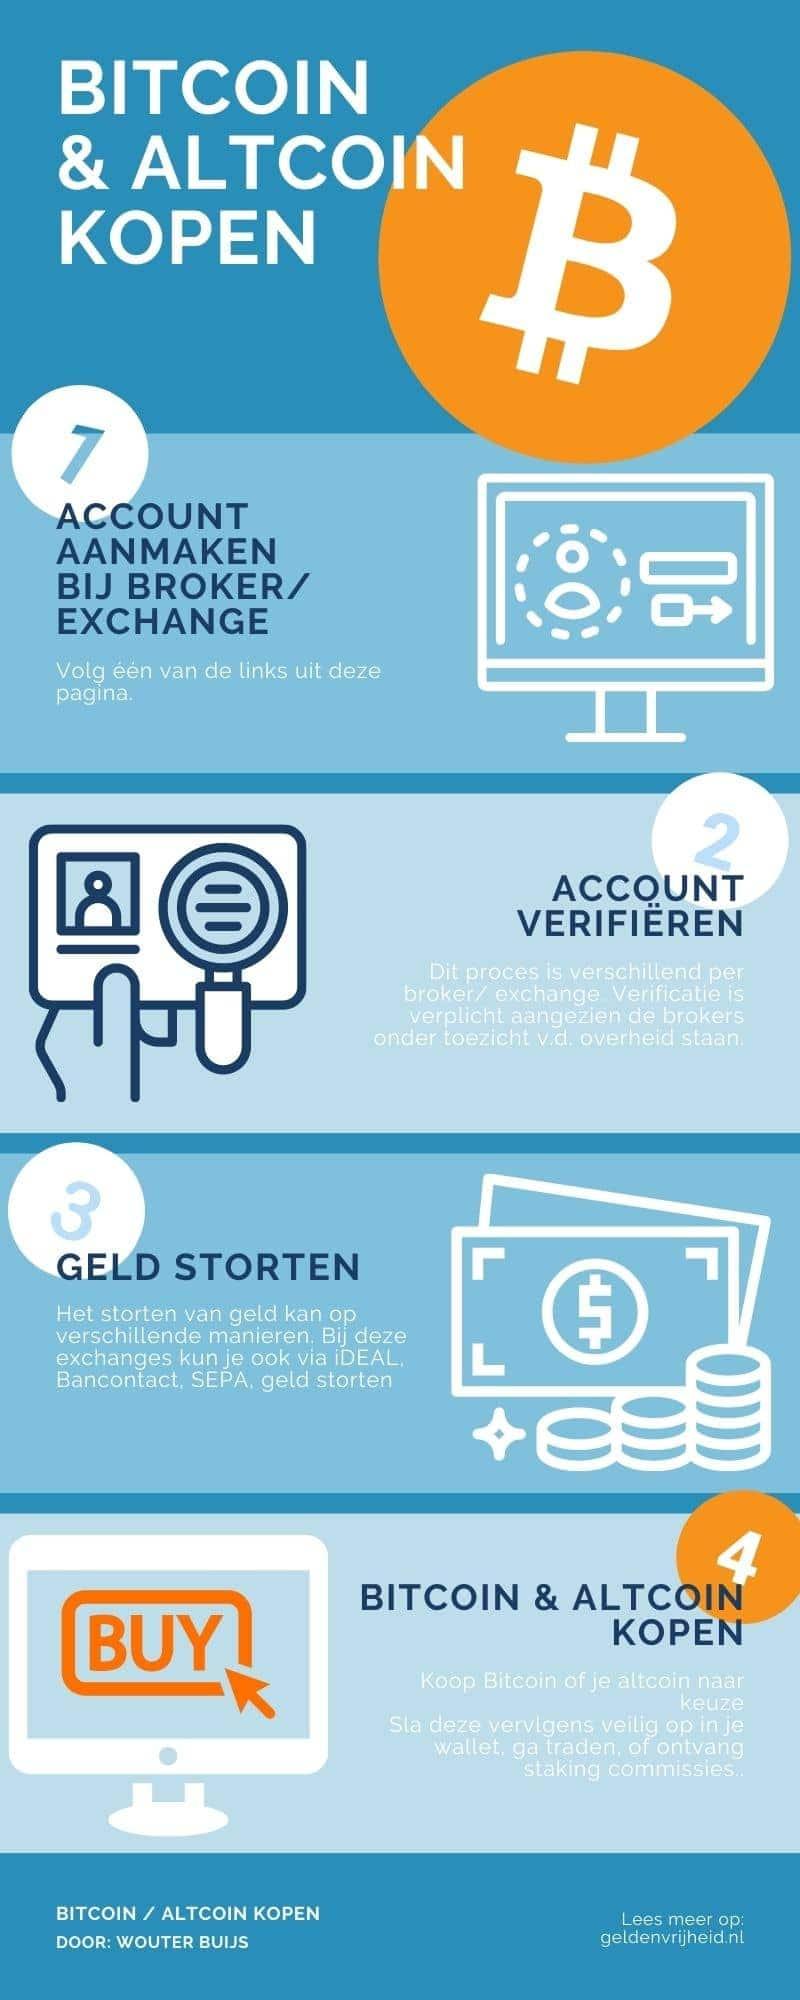 Bitcoin en altcoin kopen infographic